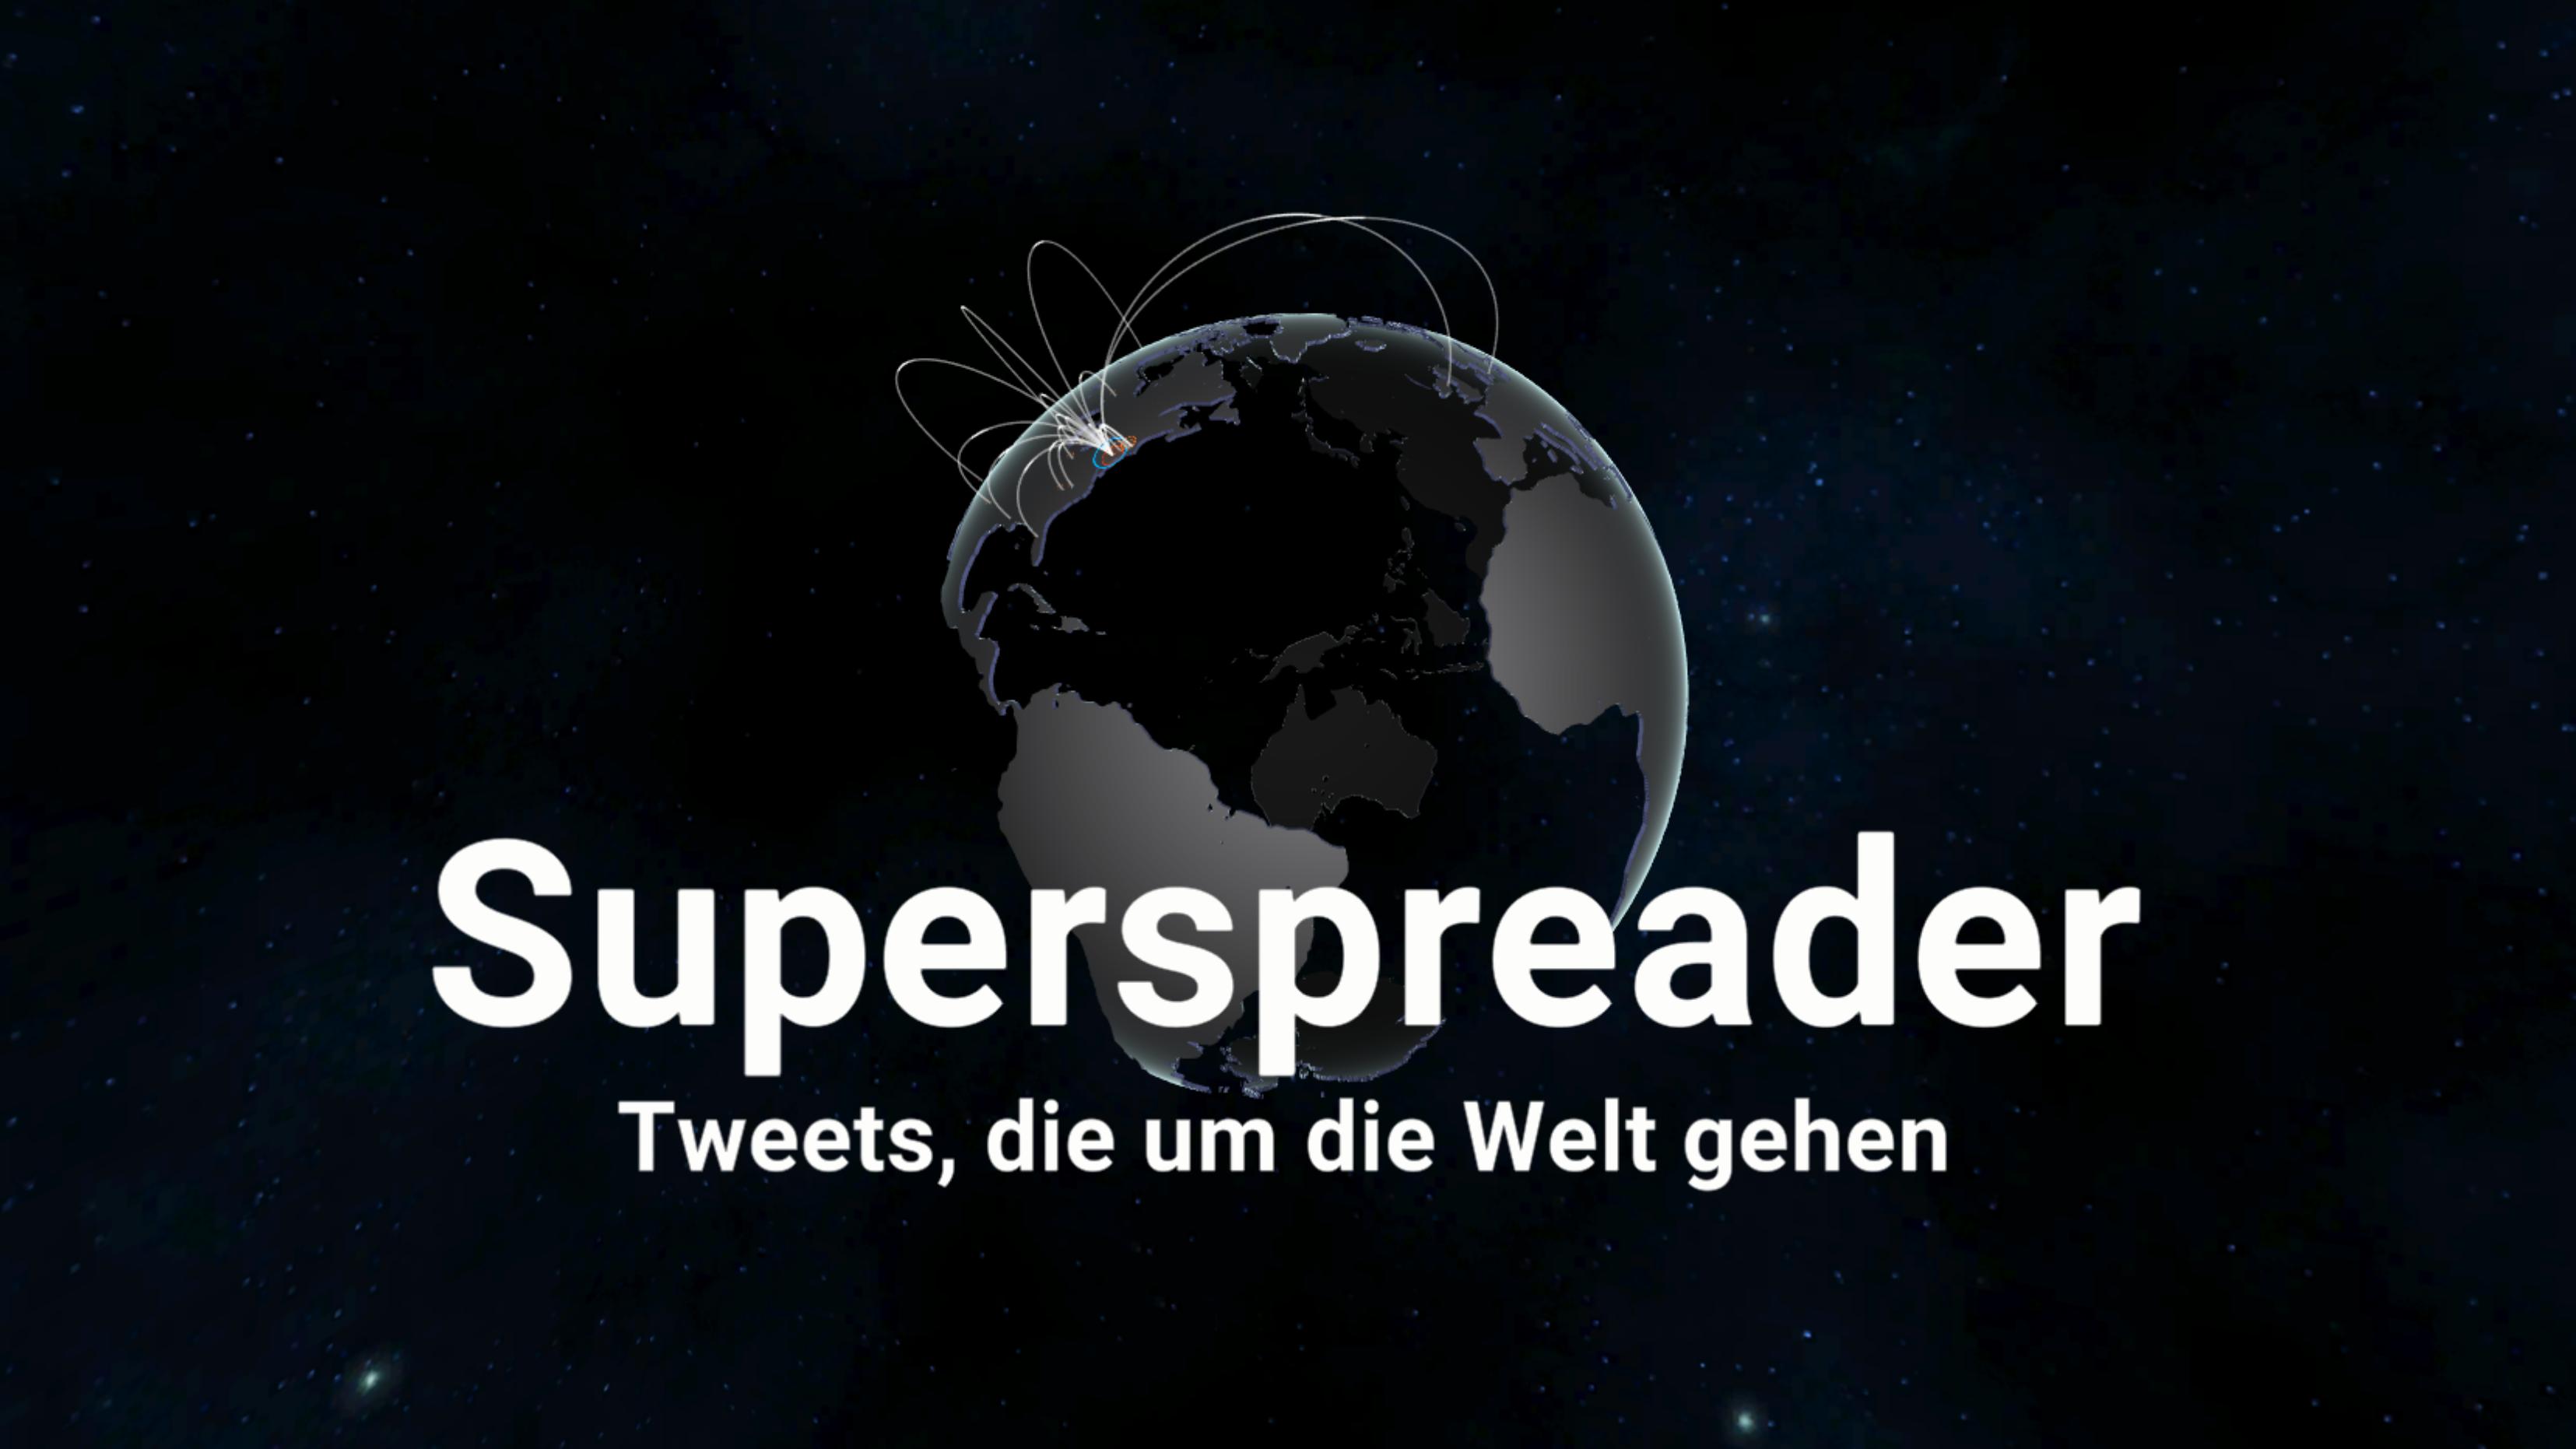 Superspreader - Tweets, die um die Welt gehen